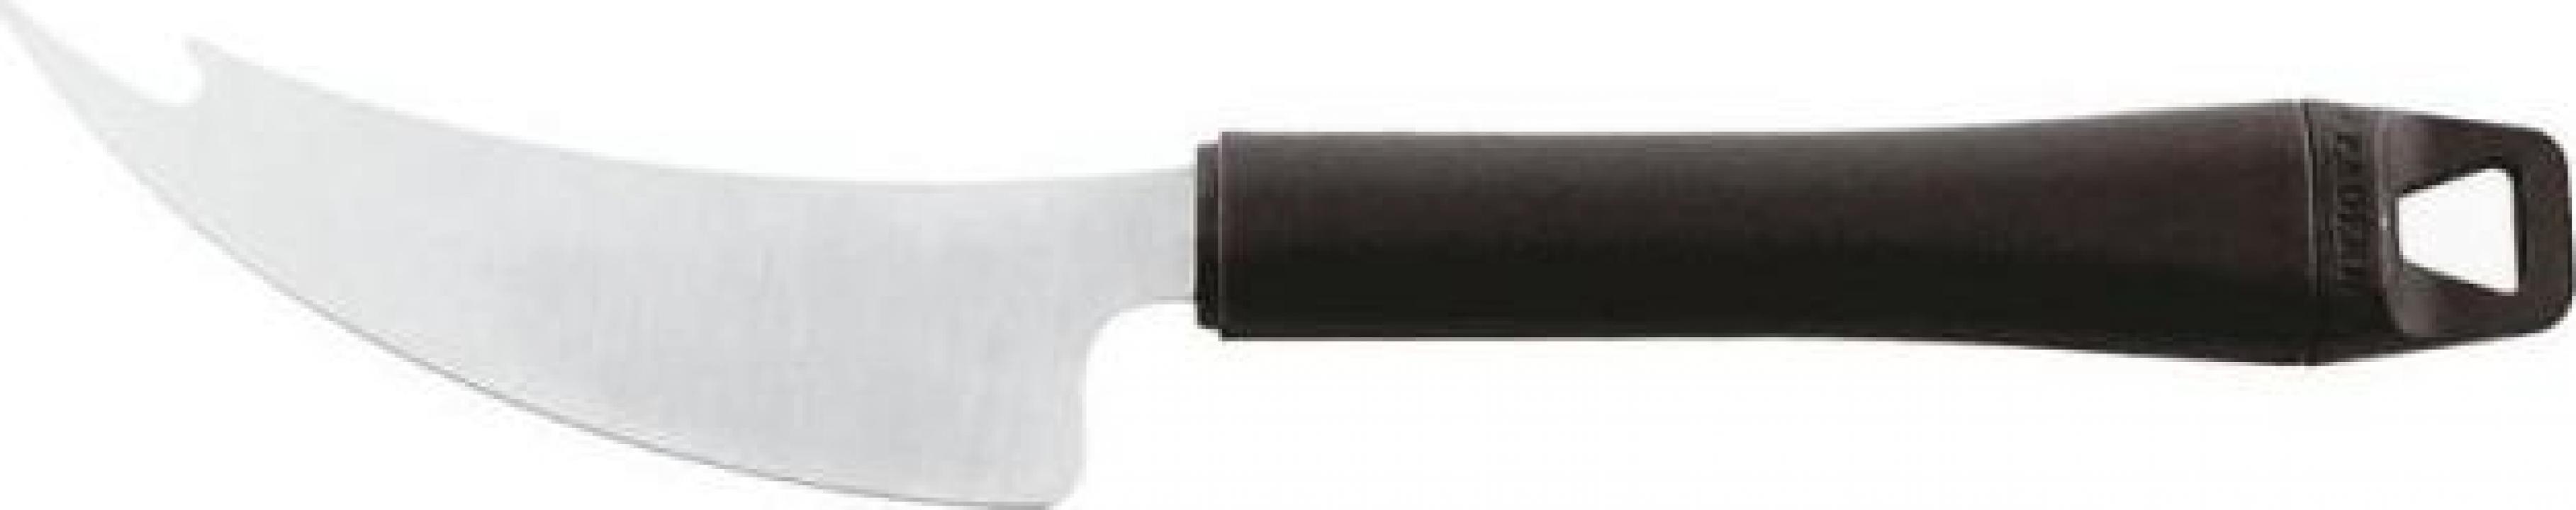 Cutit pentru branzeturi, 24 cm